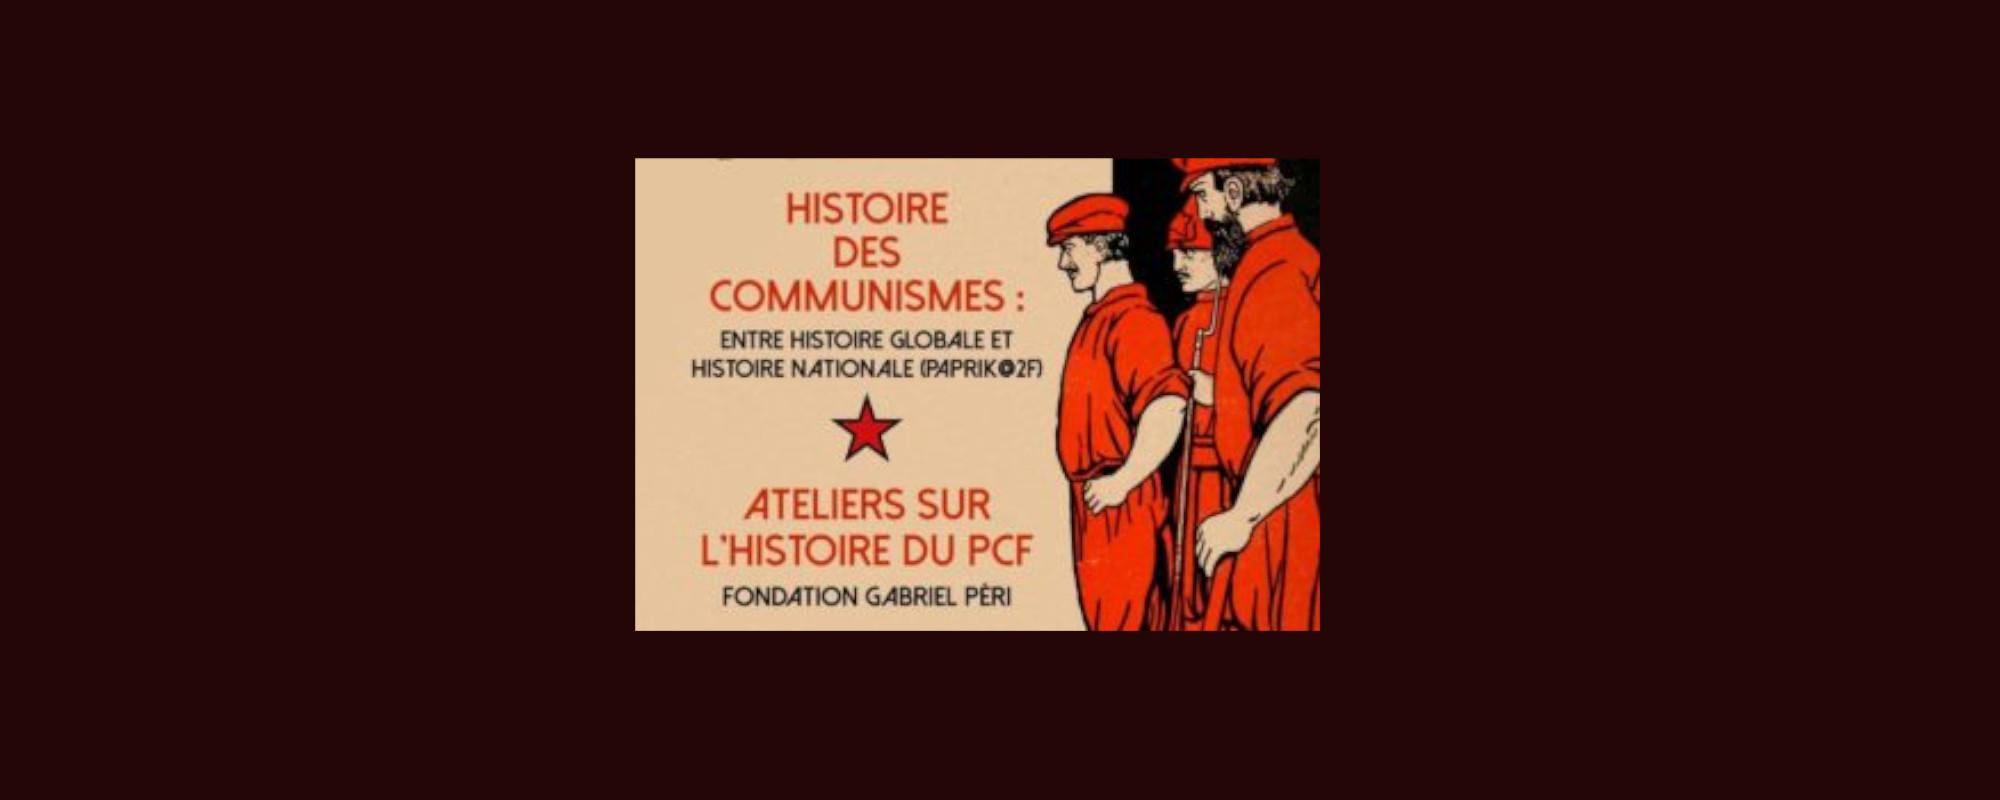 Ateliers sur l'histoire du PCF